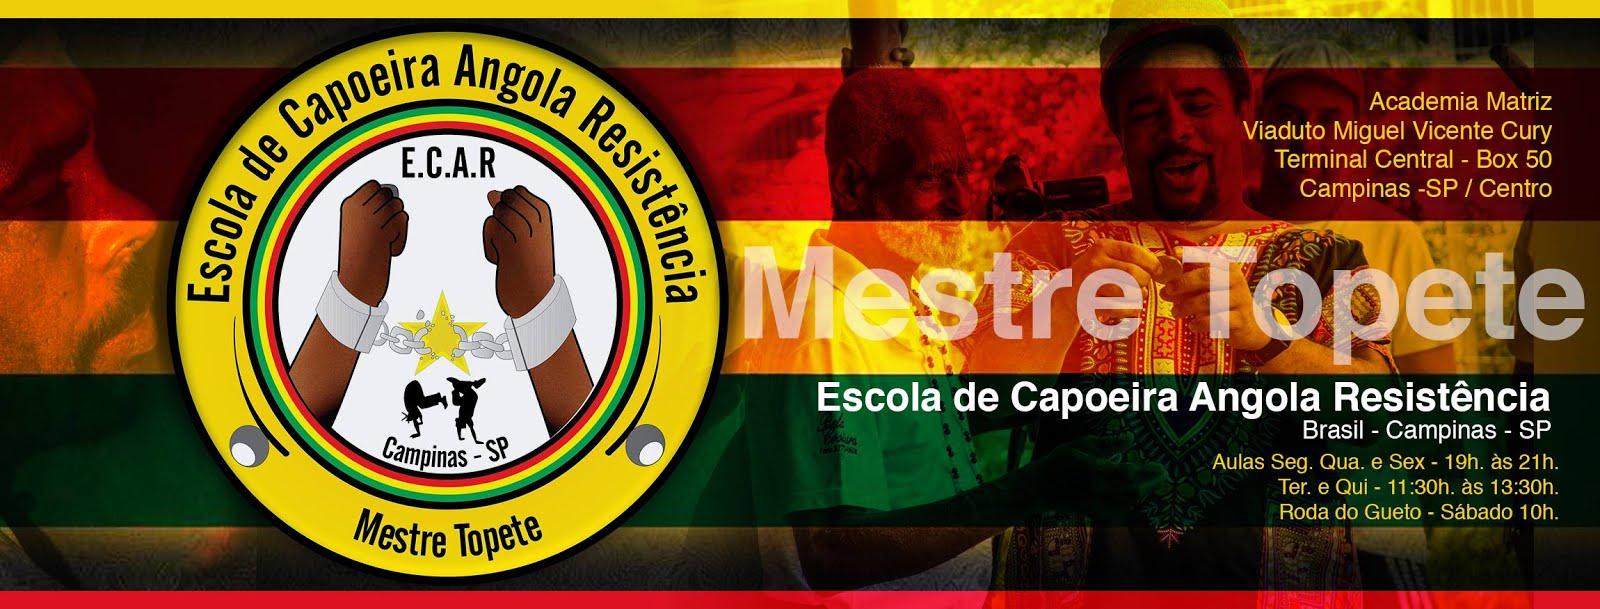 Escola de Capoeira Angola Resistência